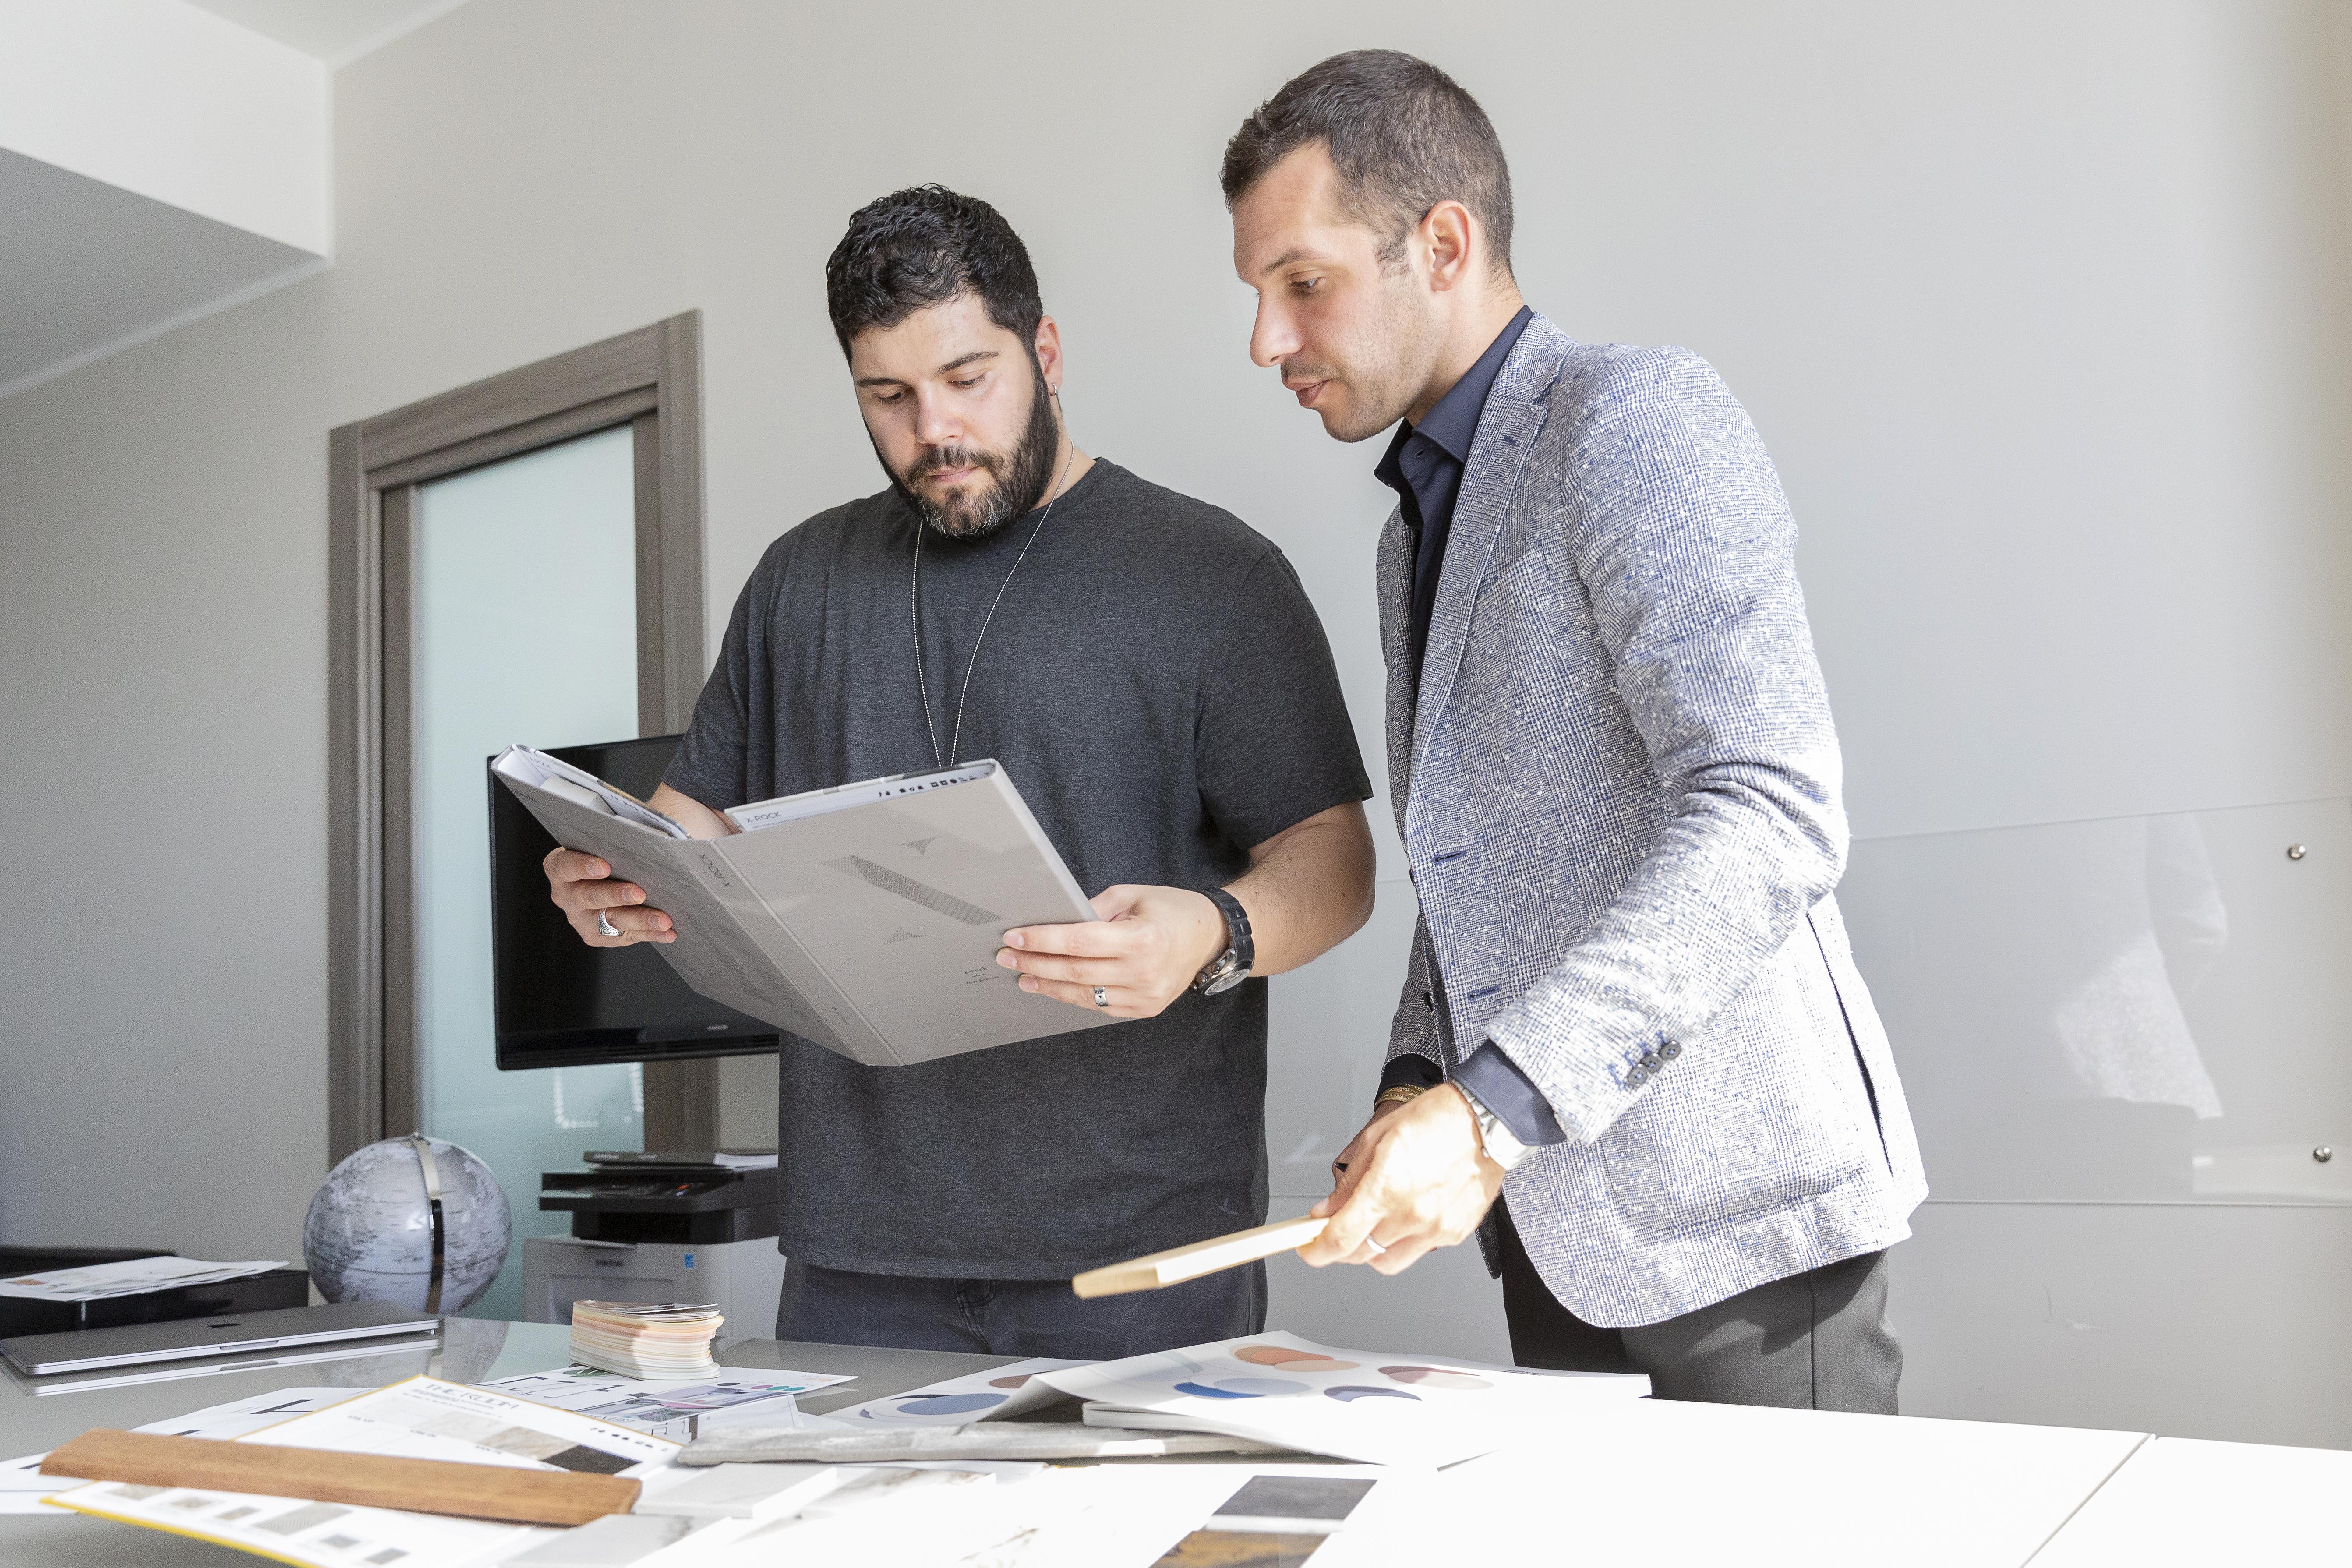 Alberto Vanin con Salvatore Esposito per la consulenza su arredo e restyling della casa di Roma appena acquistata